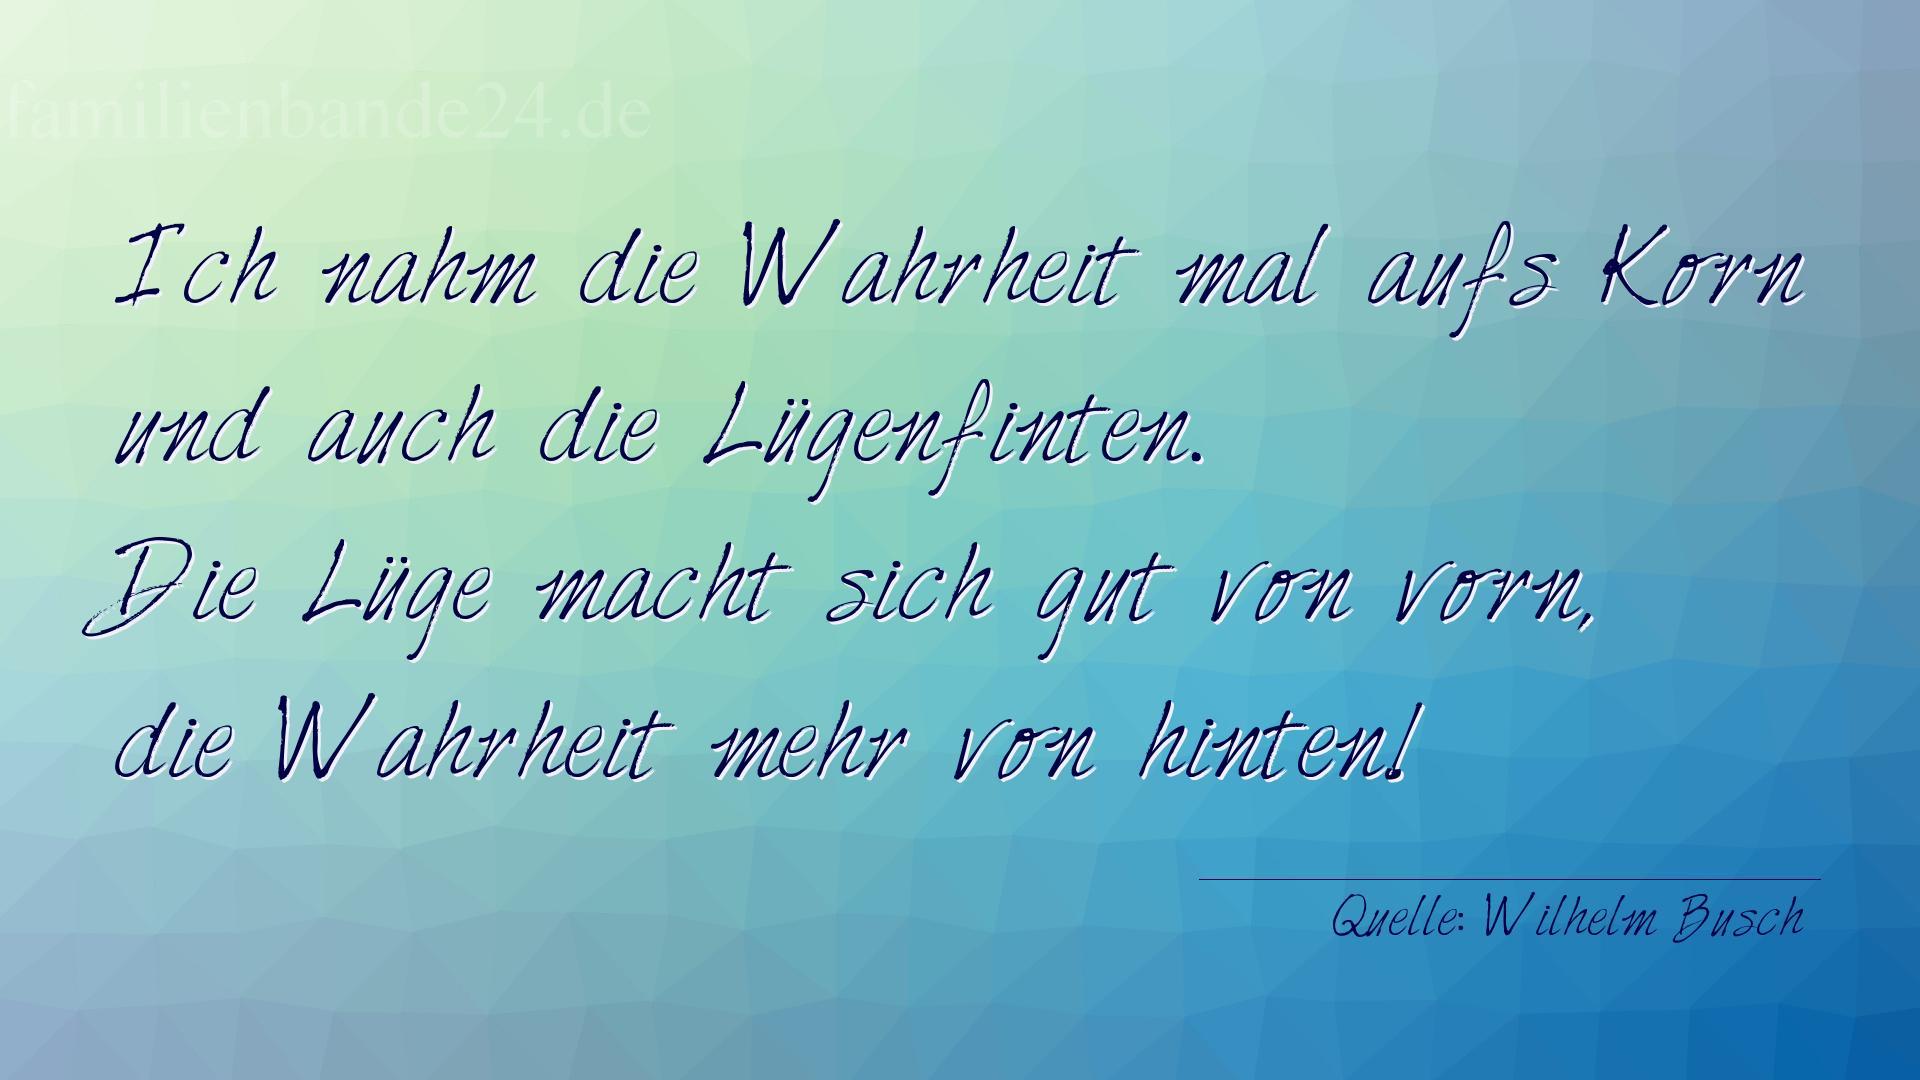 Weihnachtsgedichte Von Wilhelm Busch.Aphorismus 1296 Aus Die Besten Aphorismen